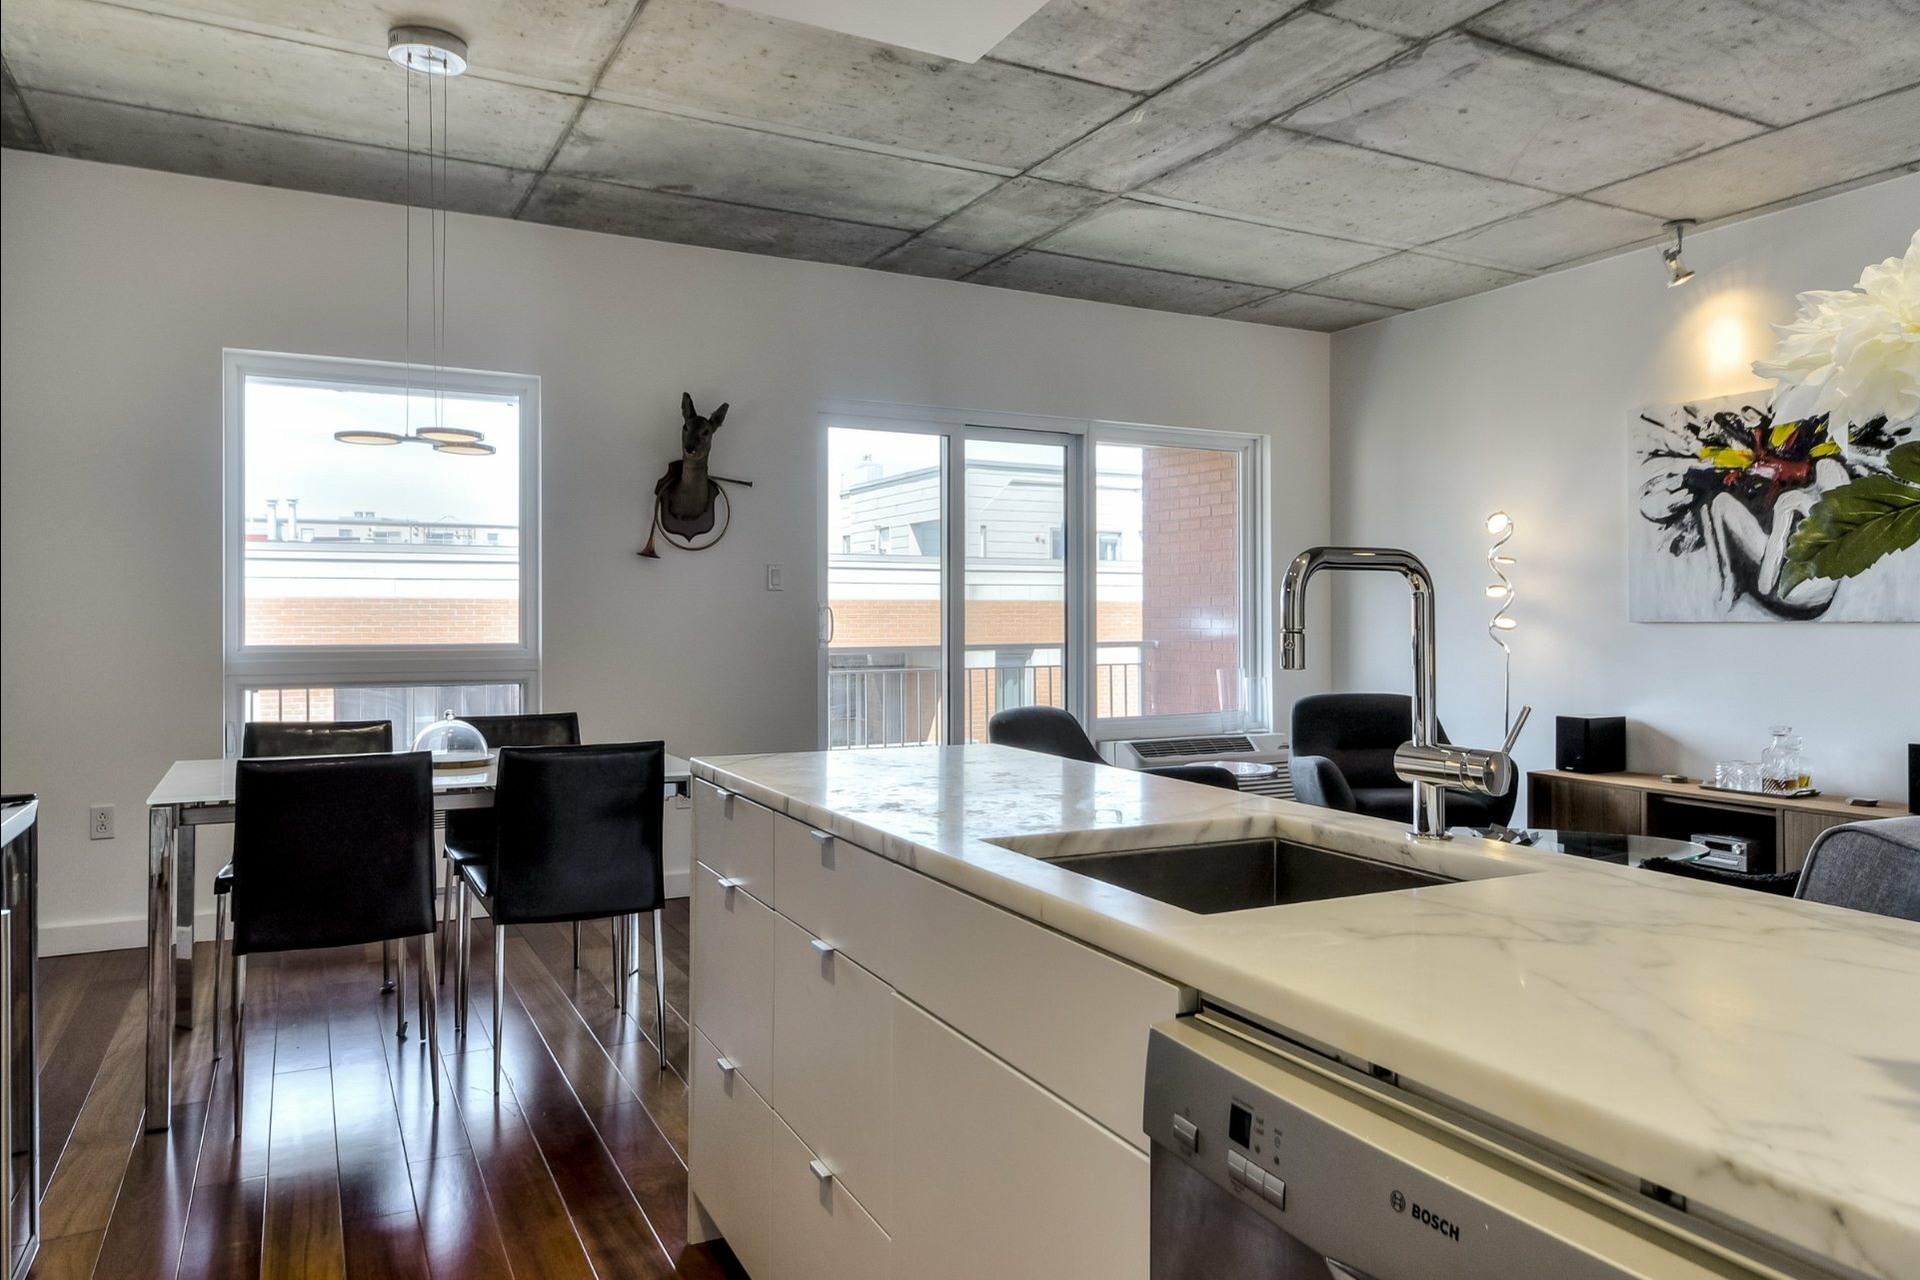 image 12 - Appartement À vendre Montréal Le Plateau-Mont-Royal  - 6 pièces